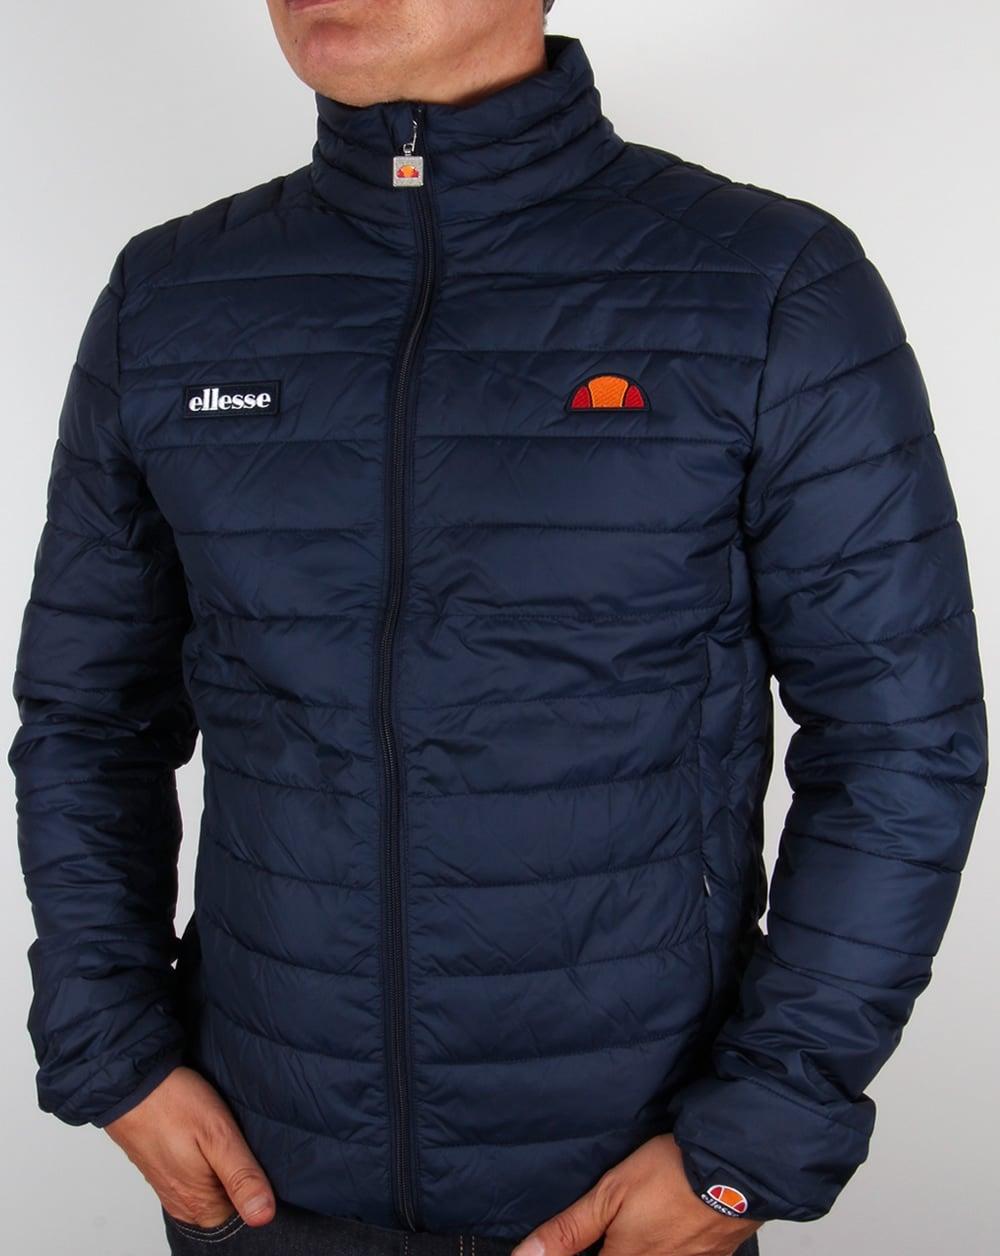 ellesse jacket navy bubble funnel puffer ski coat francesco. Black Bedroom Furniture Sets. Home Design Ideas